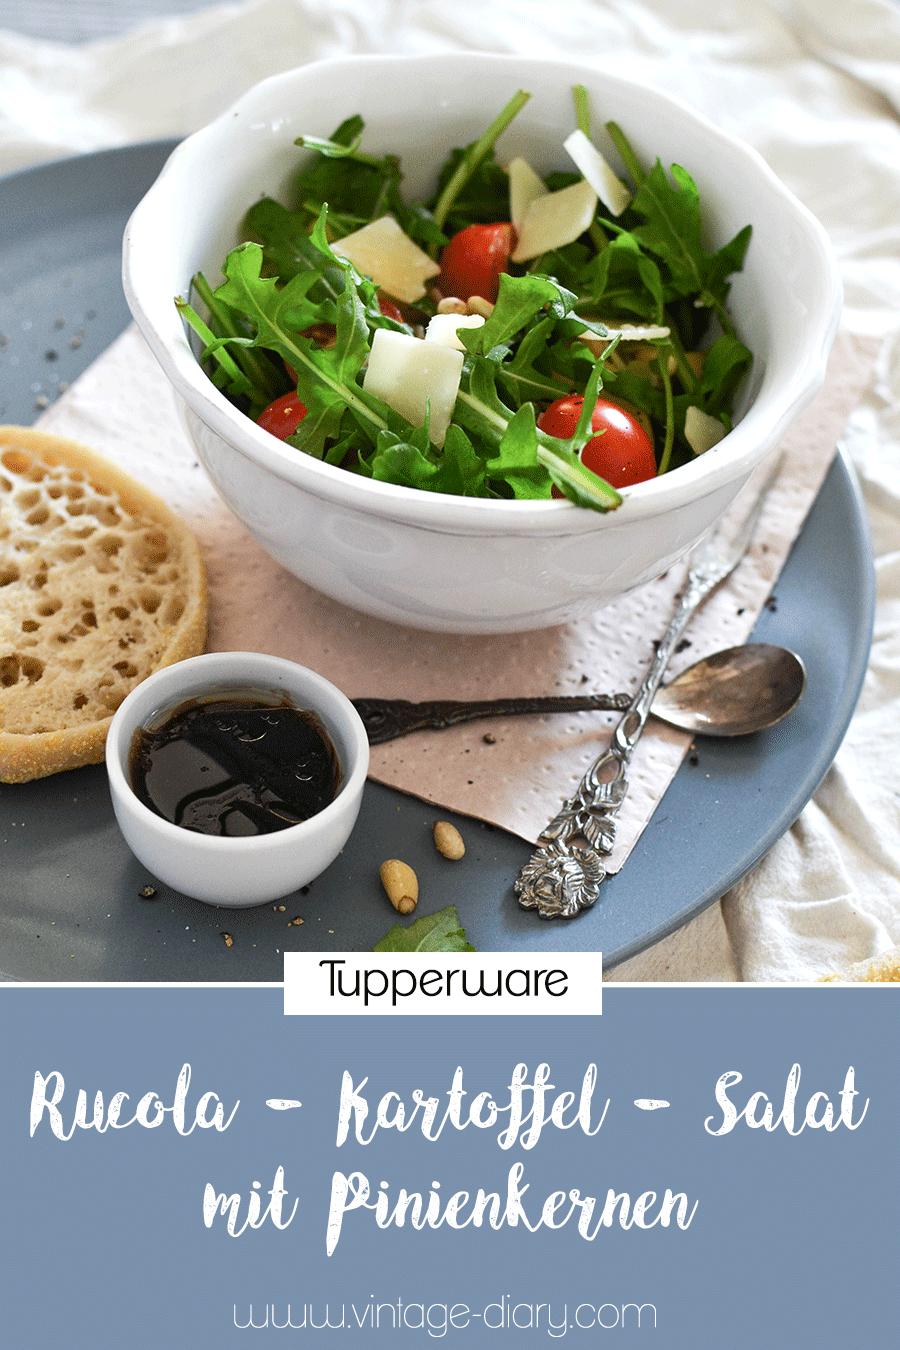 Rucola - Kartoffel - Salat mit Pinienkernen